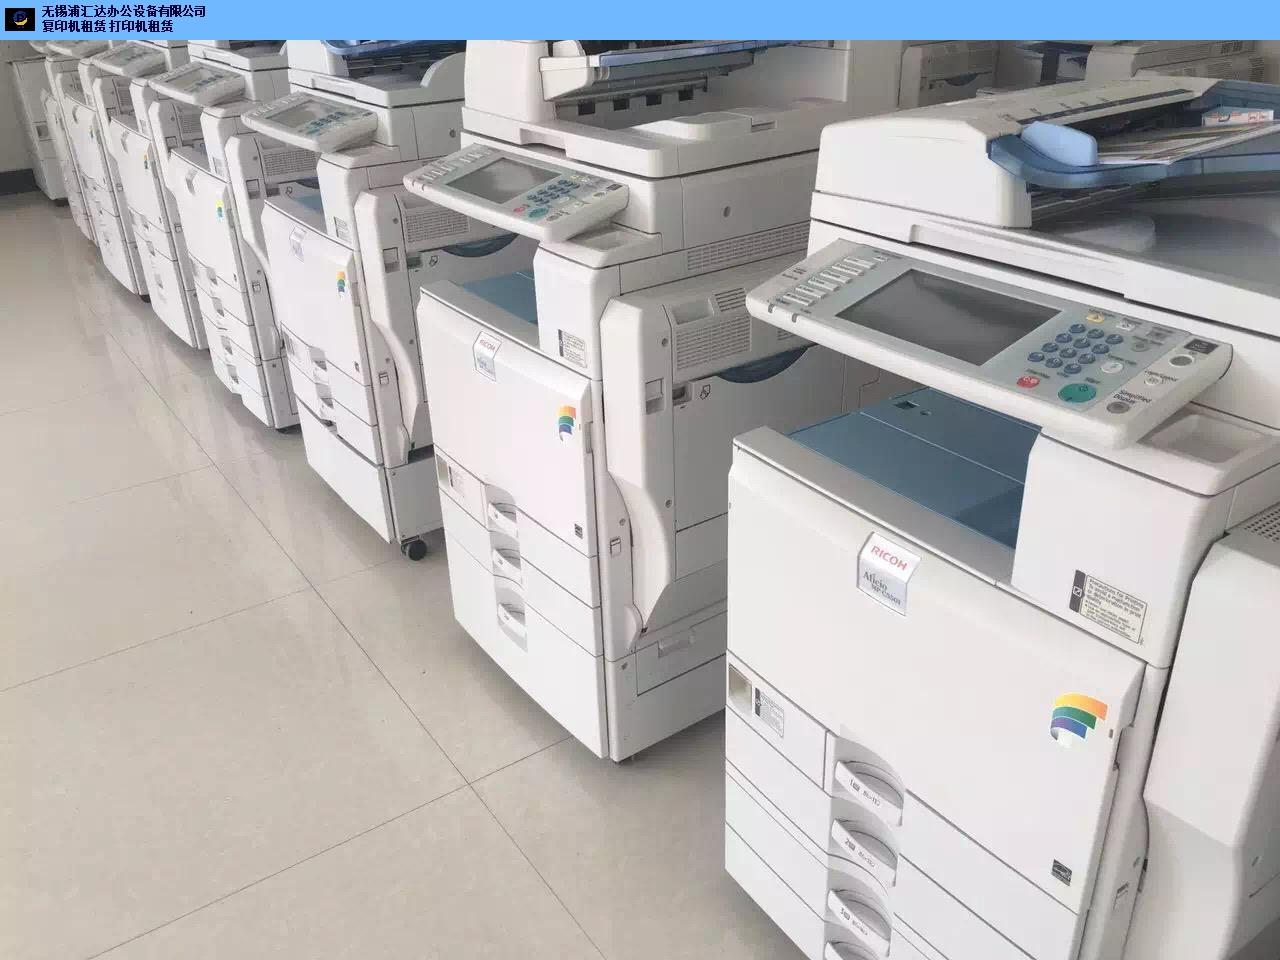 苏州高速出租打印机价位,出租打印机